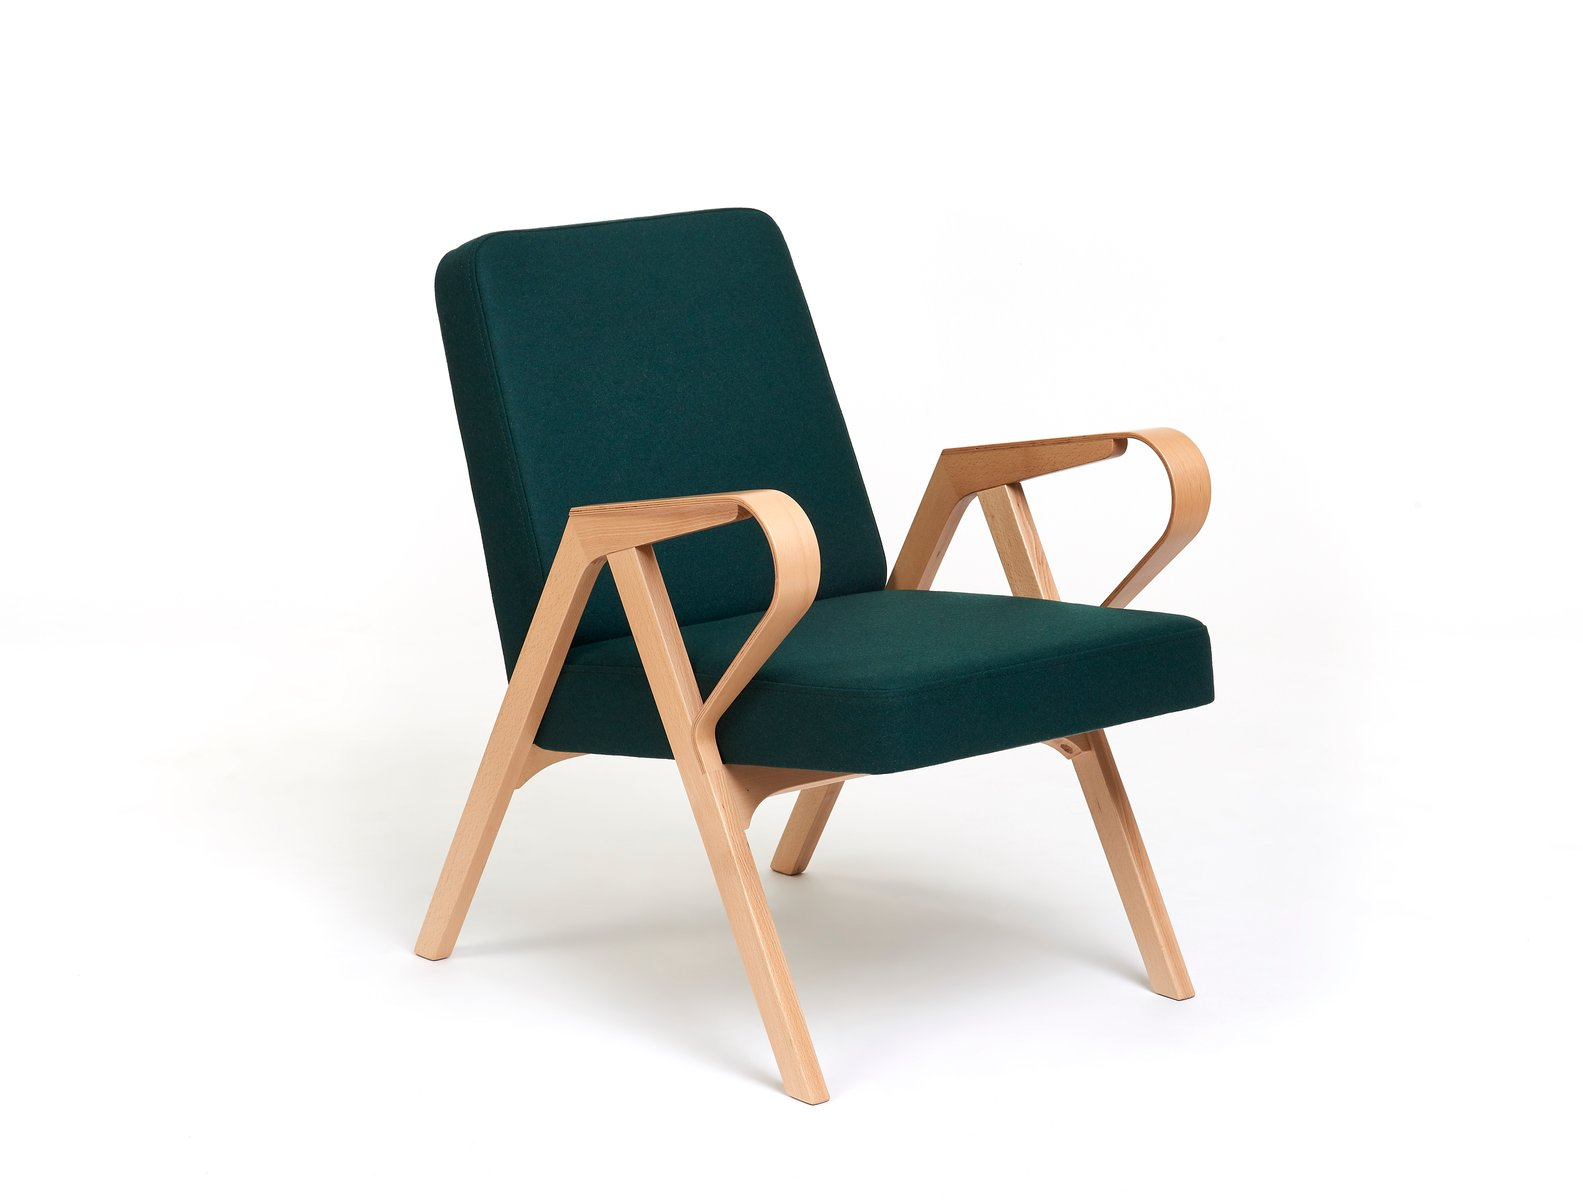 Aurora Polsterstuhl in grüner Wolle von Hunik Design